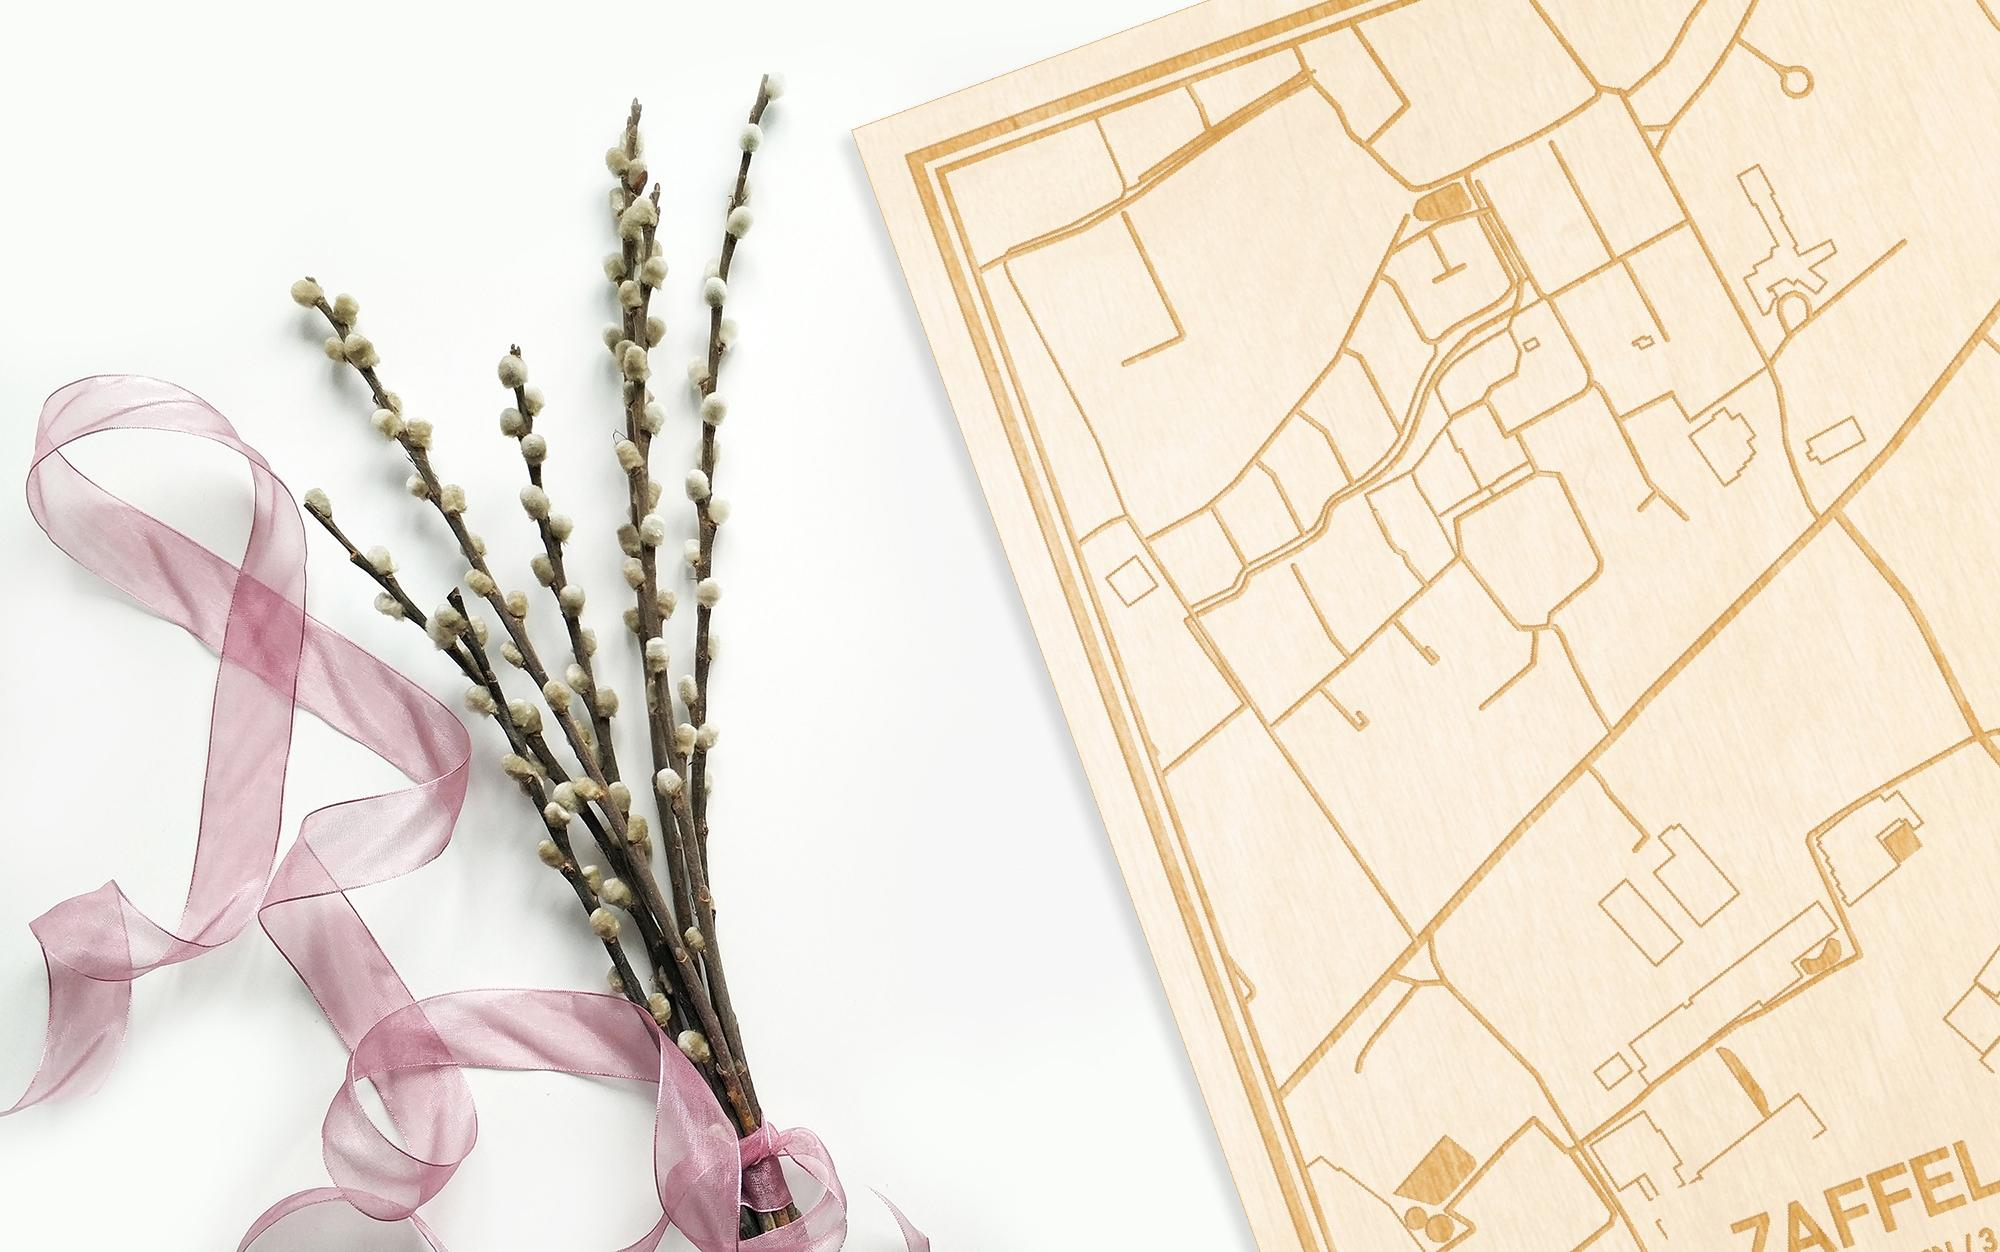 Hier ligt de houten plattegrond Zaffelare naast een bloemetje als gepersonaliseerd cadeau voor haar.